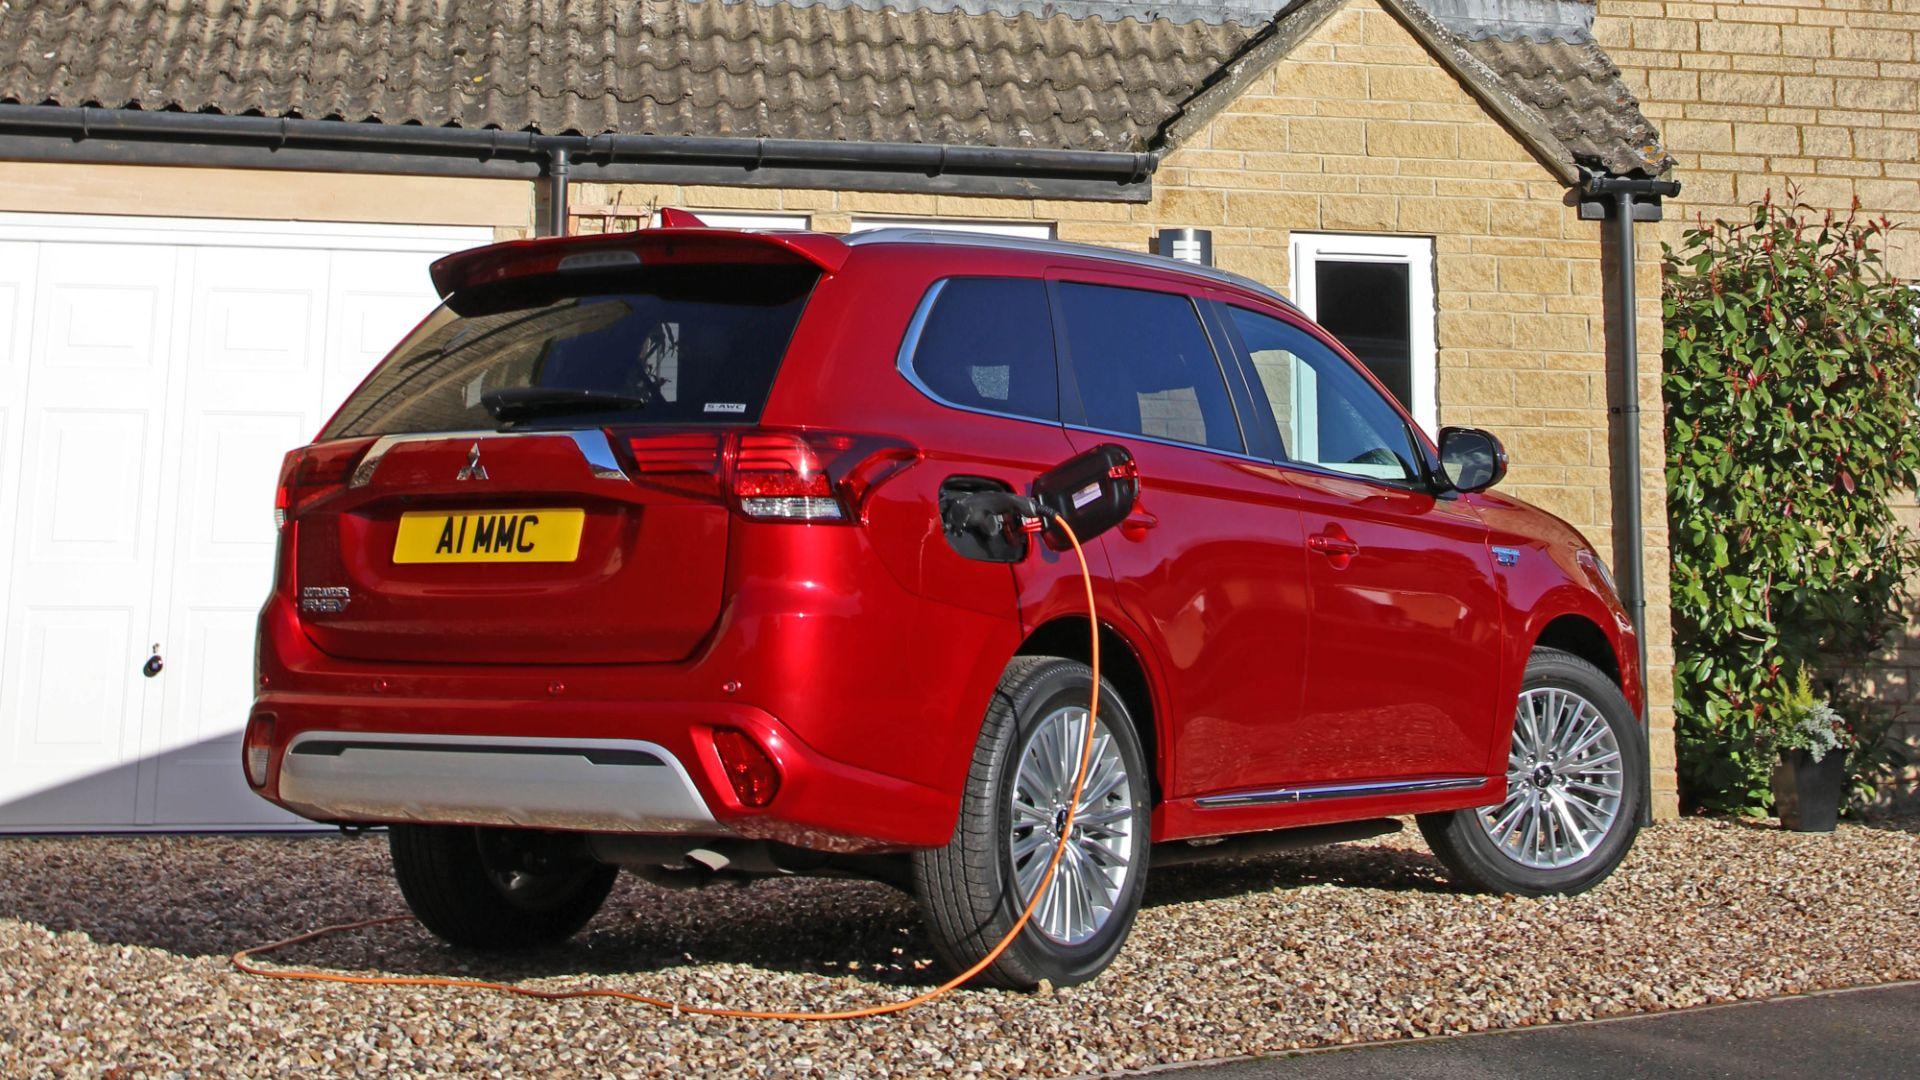 Mitsubishi Outlander PHEV 10,000 miles free charging